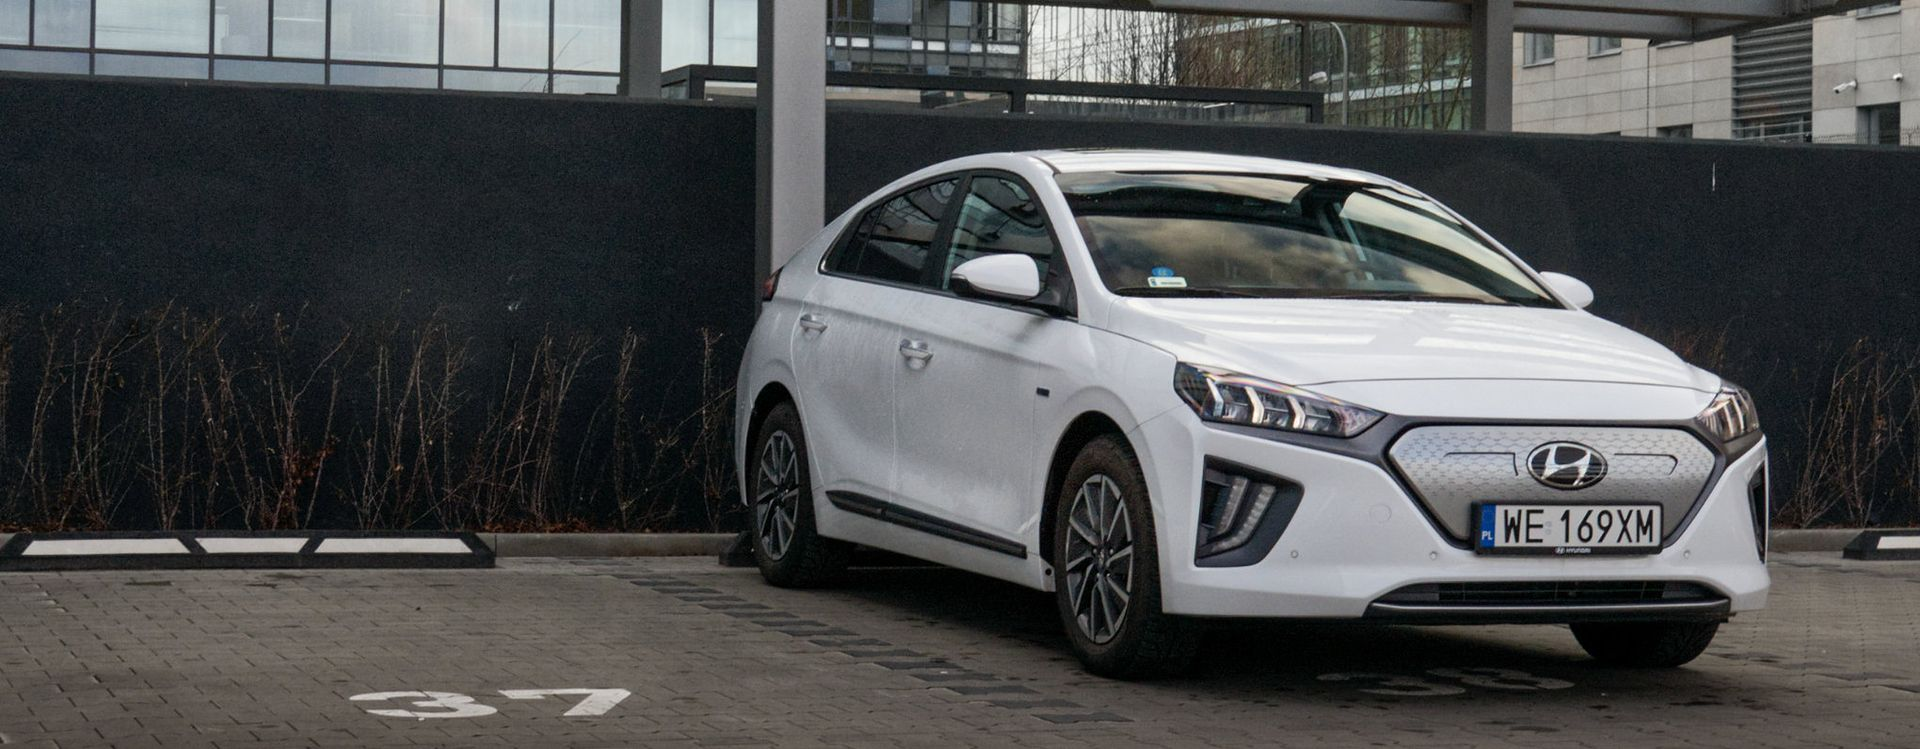 Hyundai Ioniq dojrzał z wyglądu